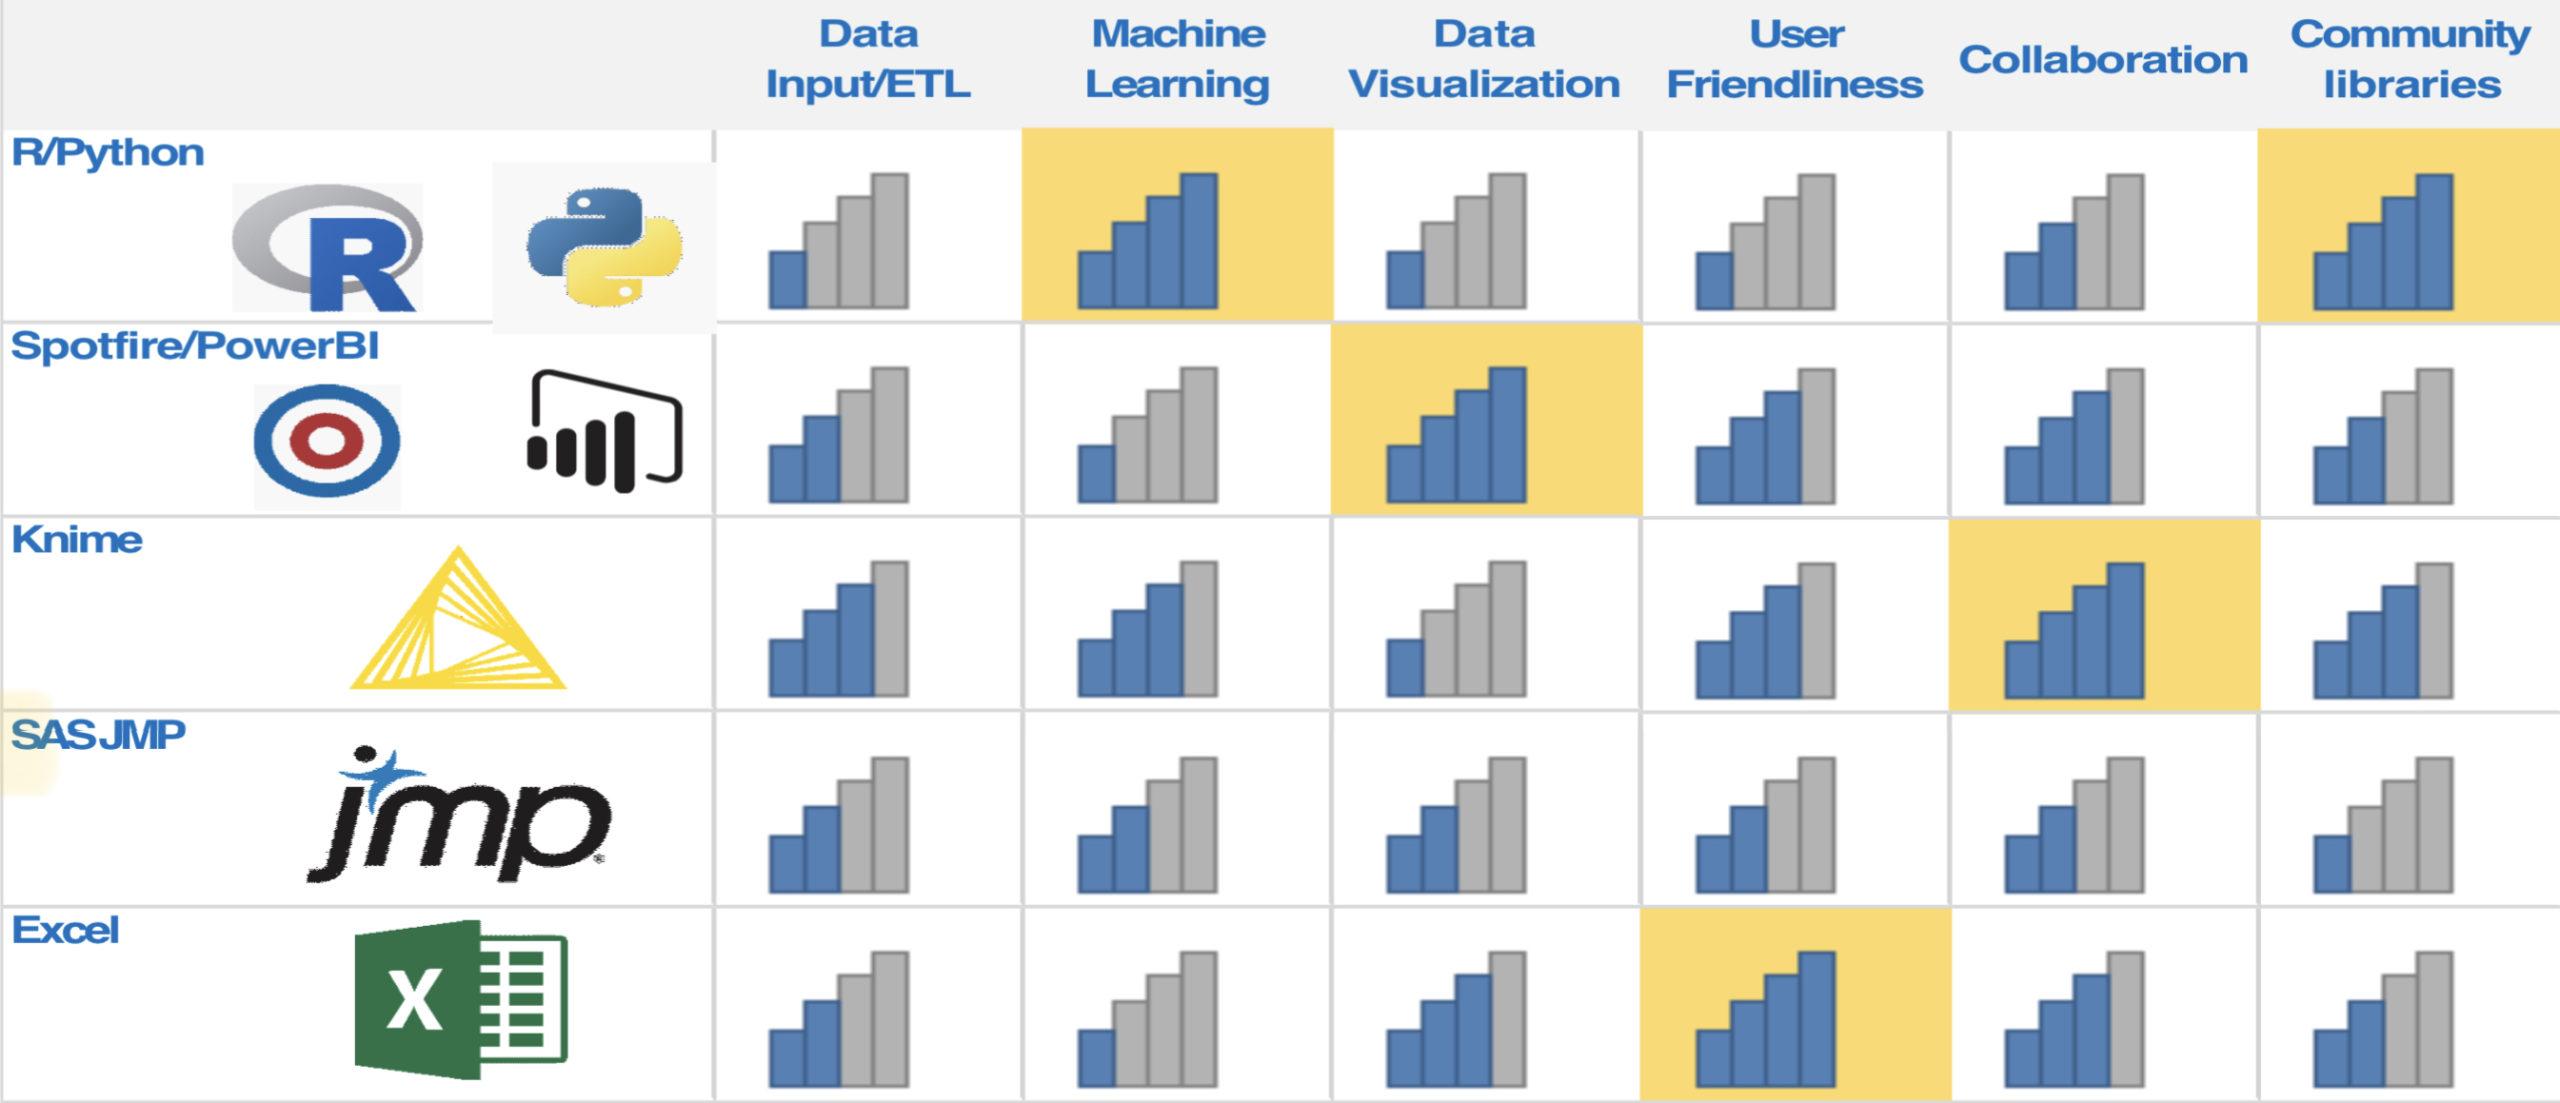 Comparazione tra KNIME e altri strumenti per l'analisi dei dati